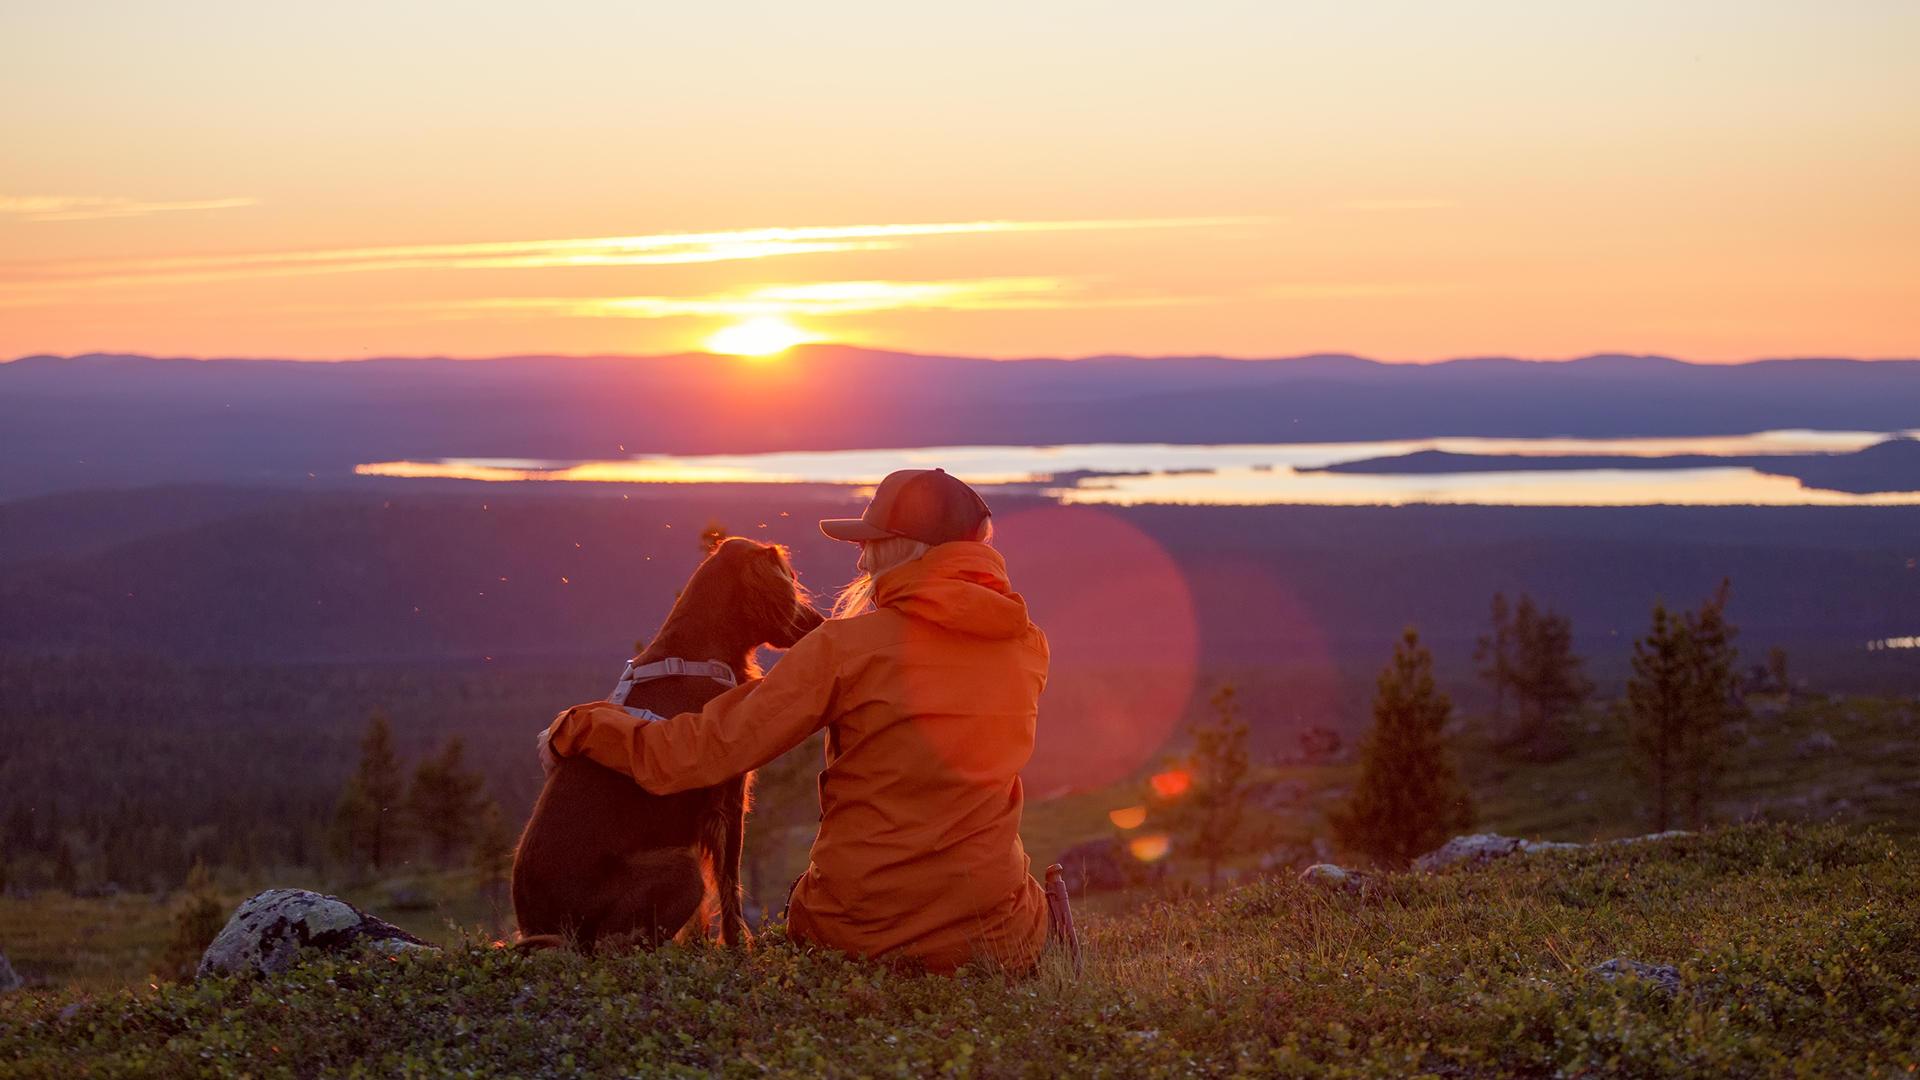 www.lapland.fi